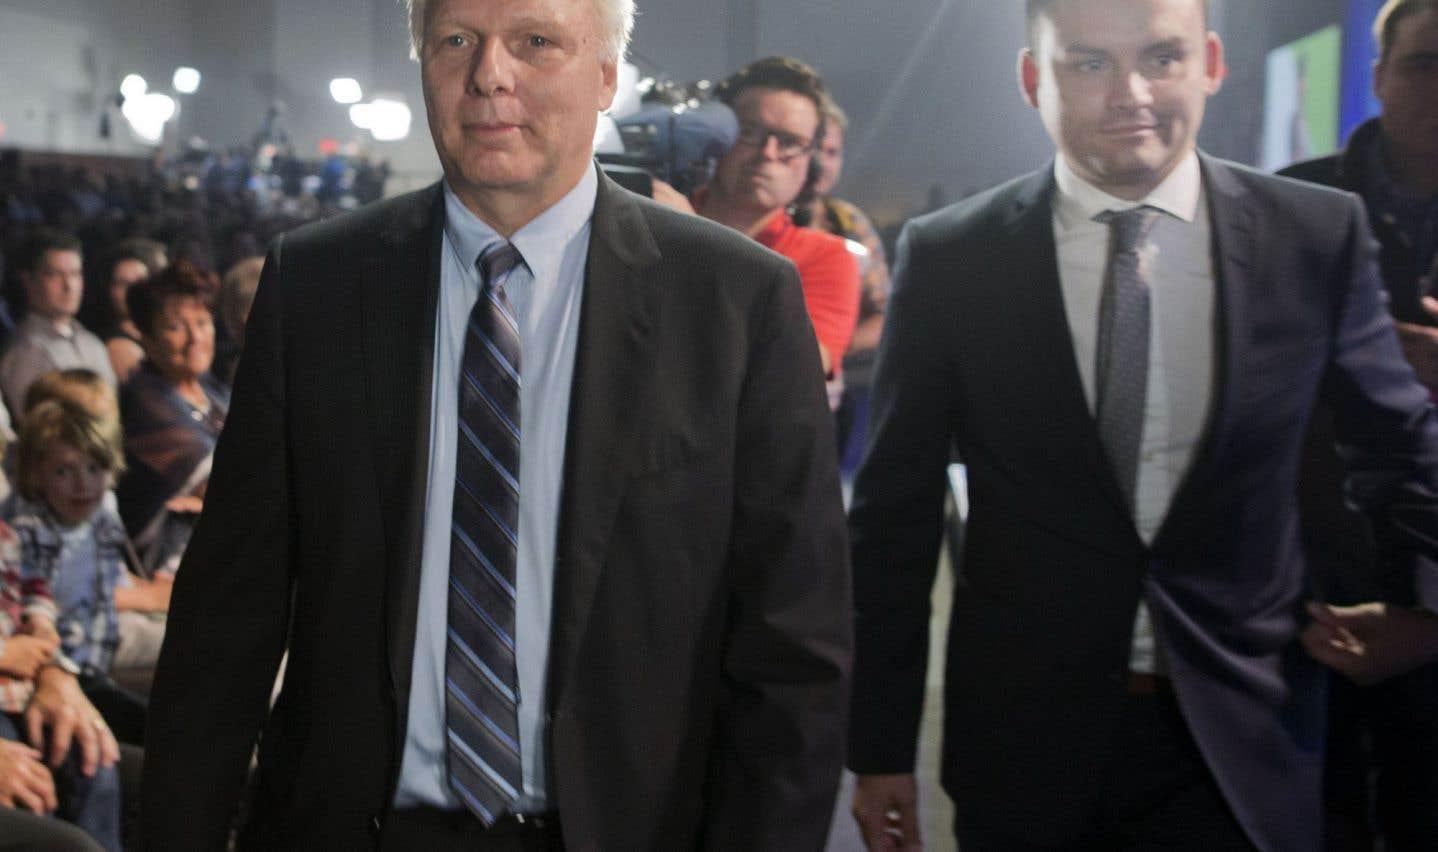 Le chef du Parti québécois, Jean-François Lisée, et Paul St-Pierre Plamondon, à qui il avait confié la tâche d'ausculter les Québécois